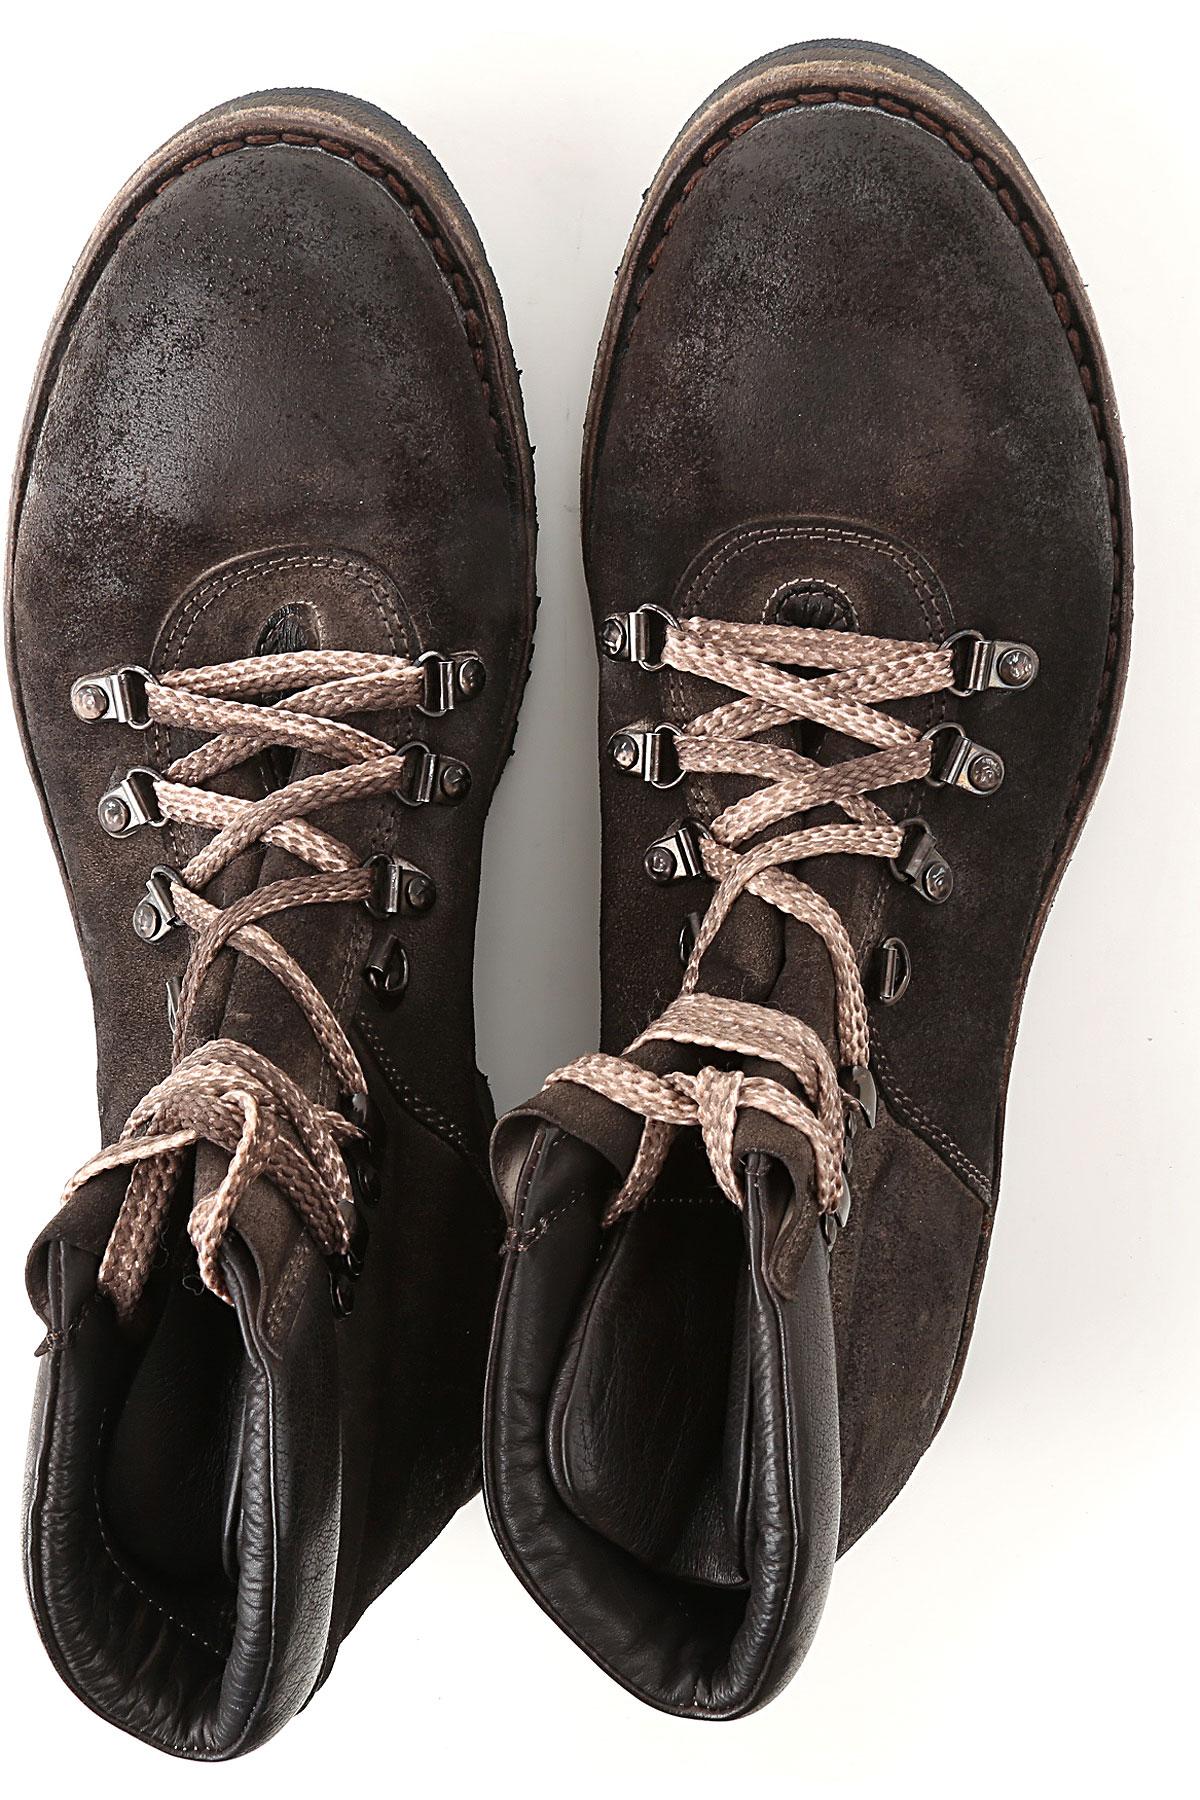 nbsp; 2018 Oscuro Otoño Zapatos 19 Moma Para invierno Marrón Hombres 6gPz6xq